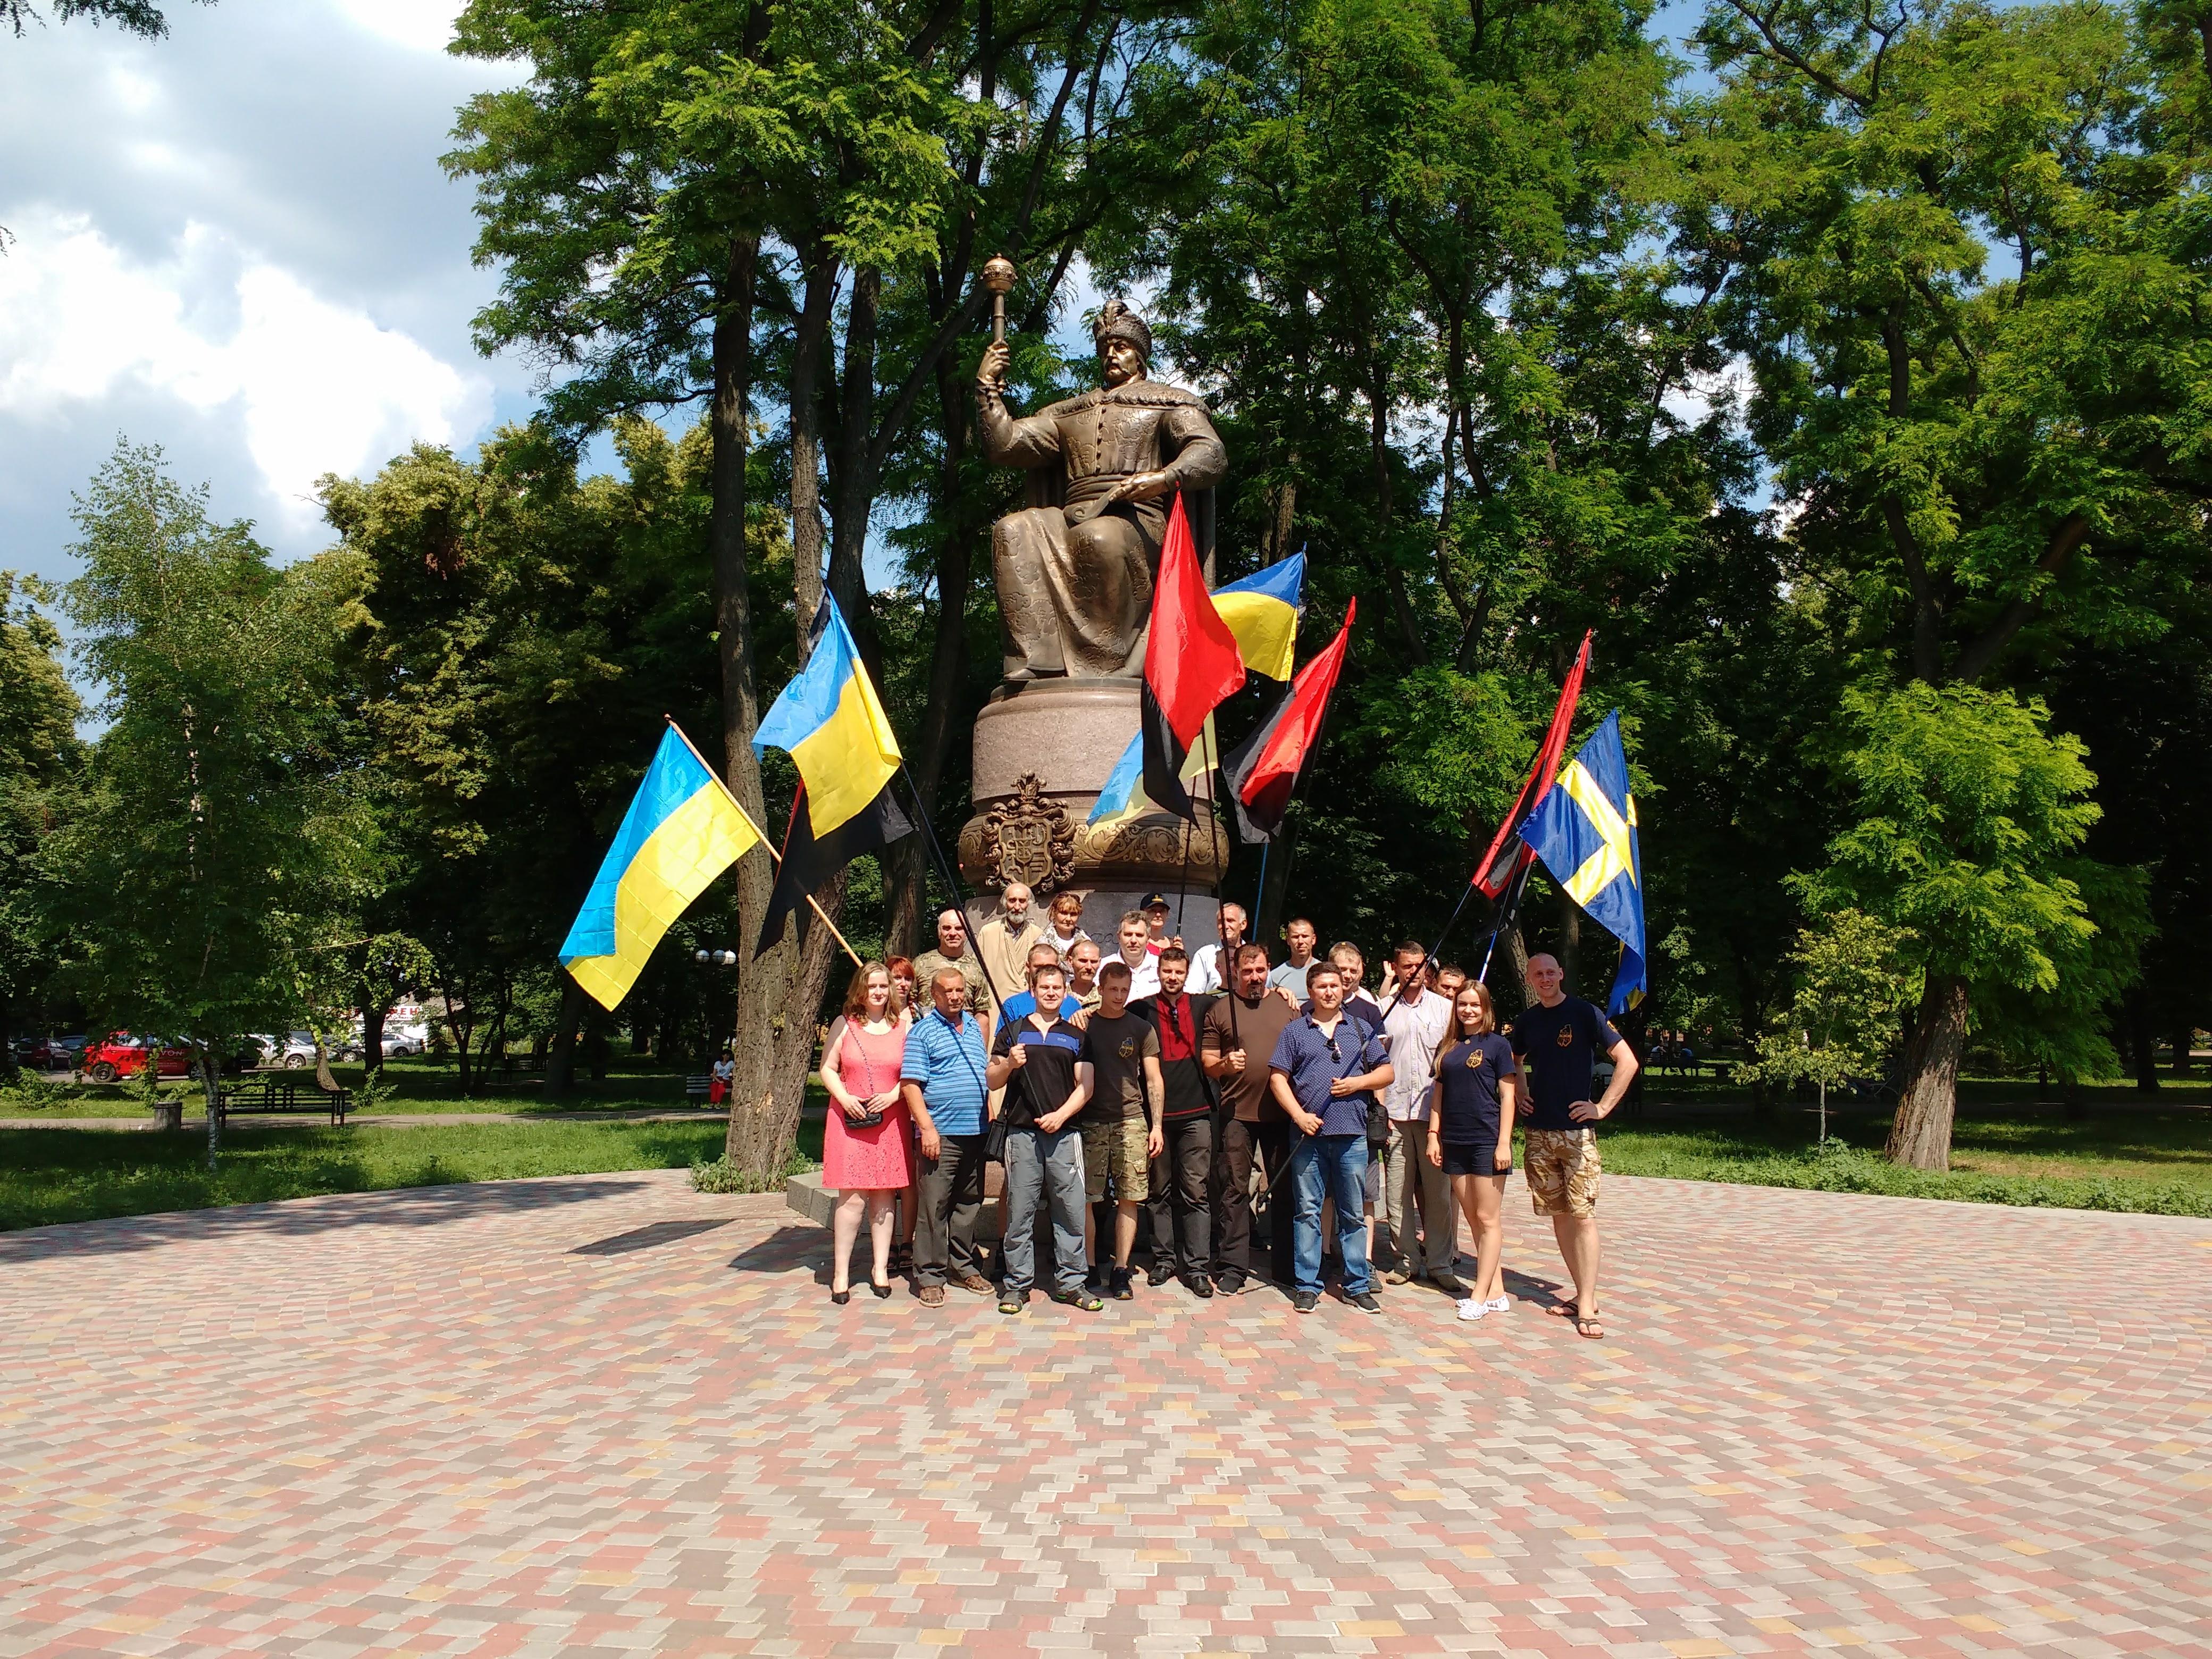 Учасники автопробігу біля пам'ятника гетьману Івану Мазепі. Фото автора.